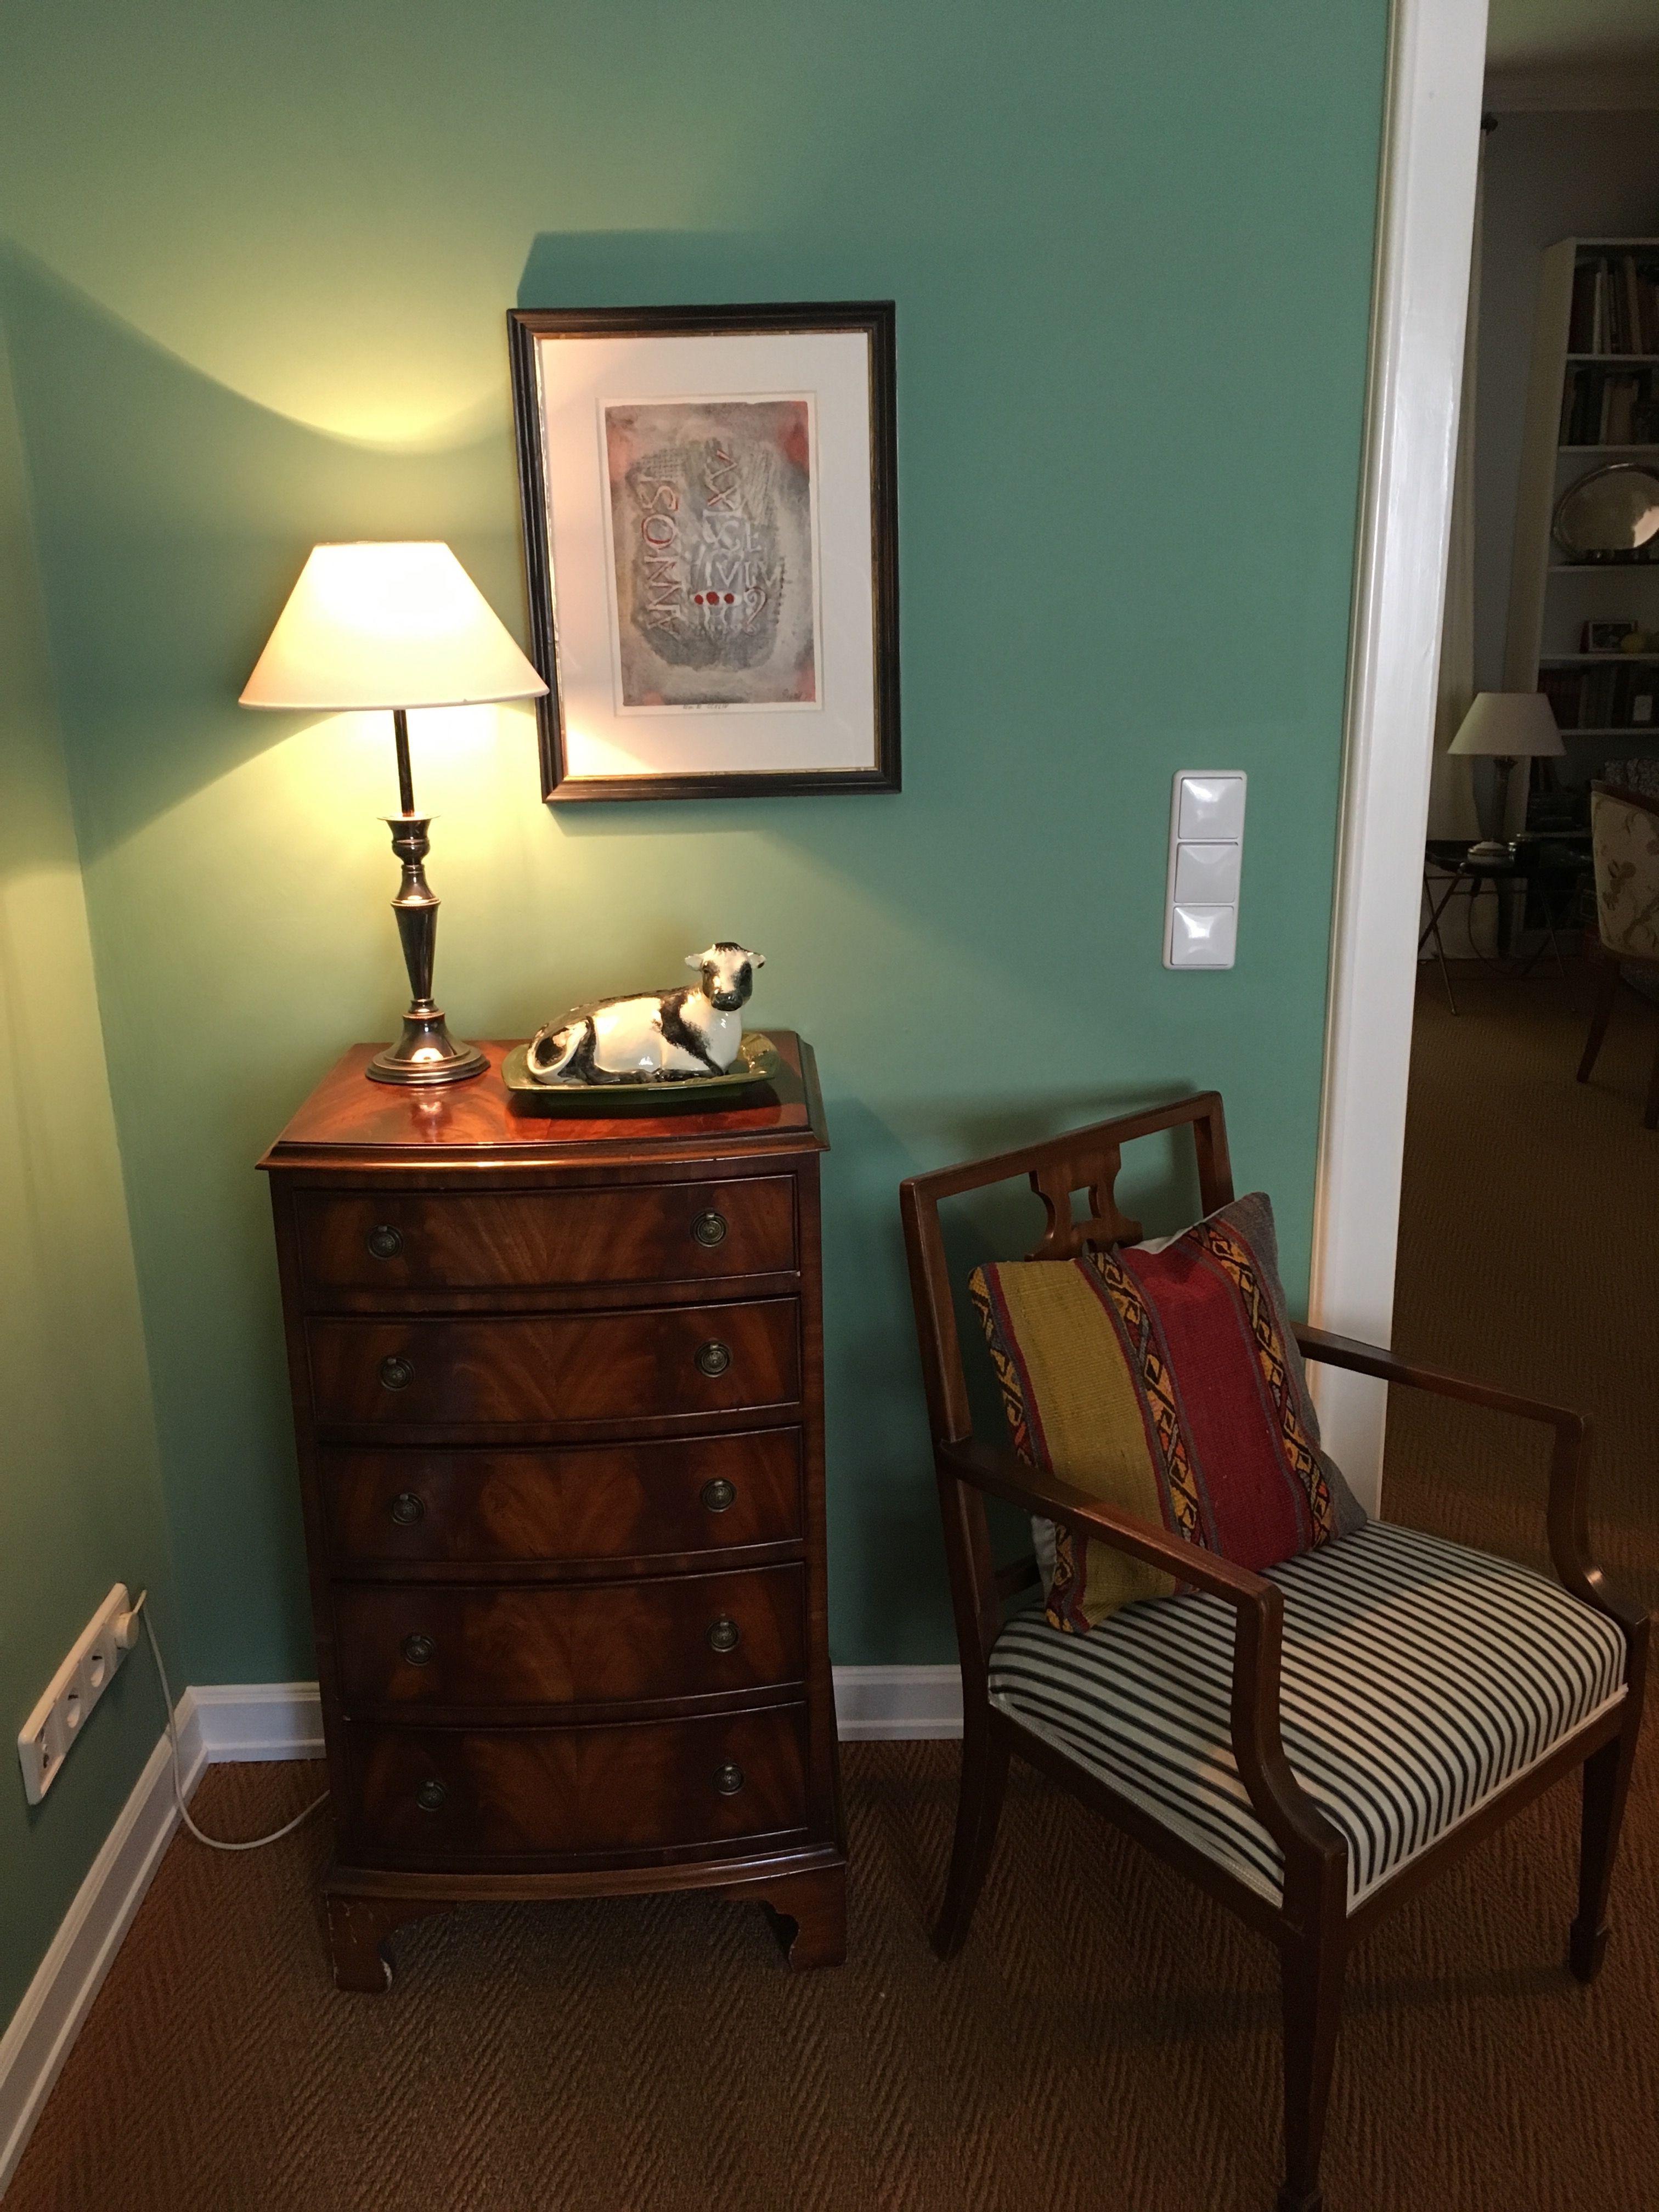 Verführerisch Küchenfarbe Wand Referenz Von Wohnzimmer In Der Kreidefarbe Hope 045 Von